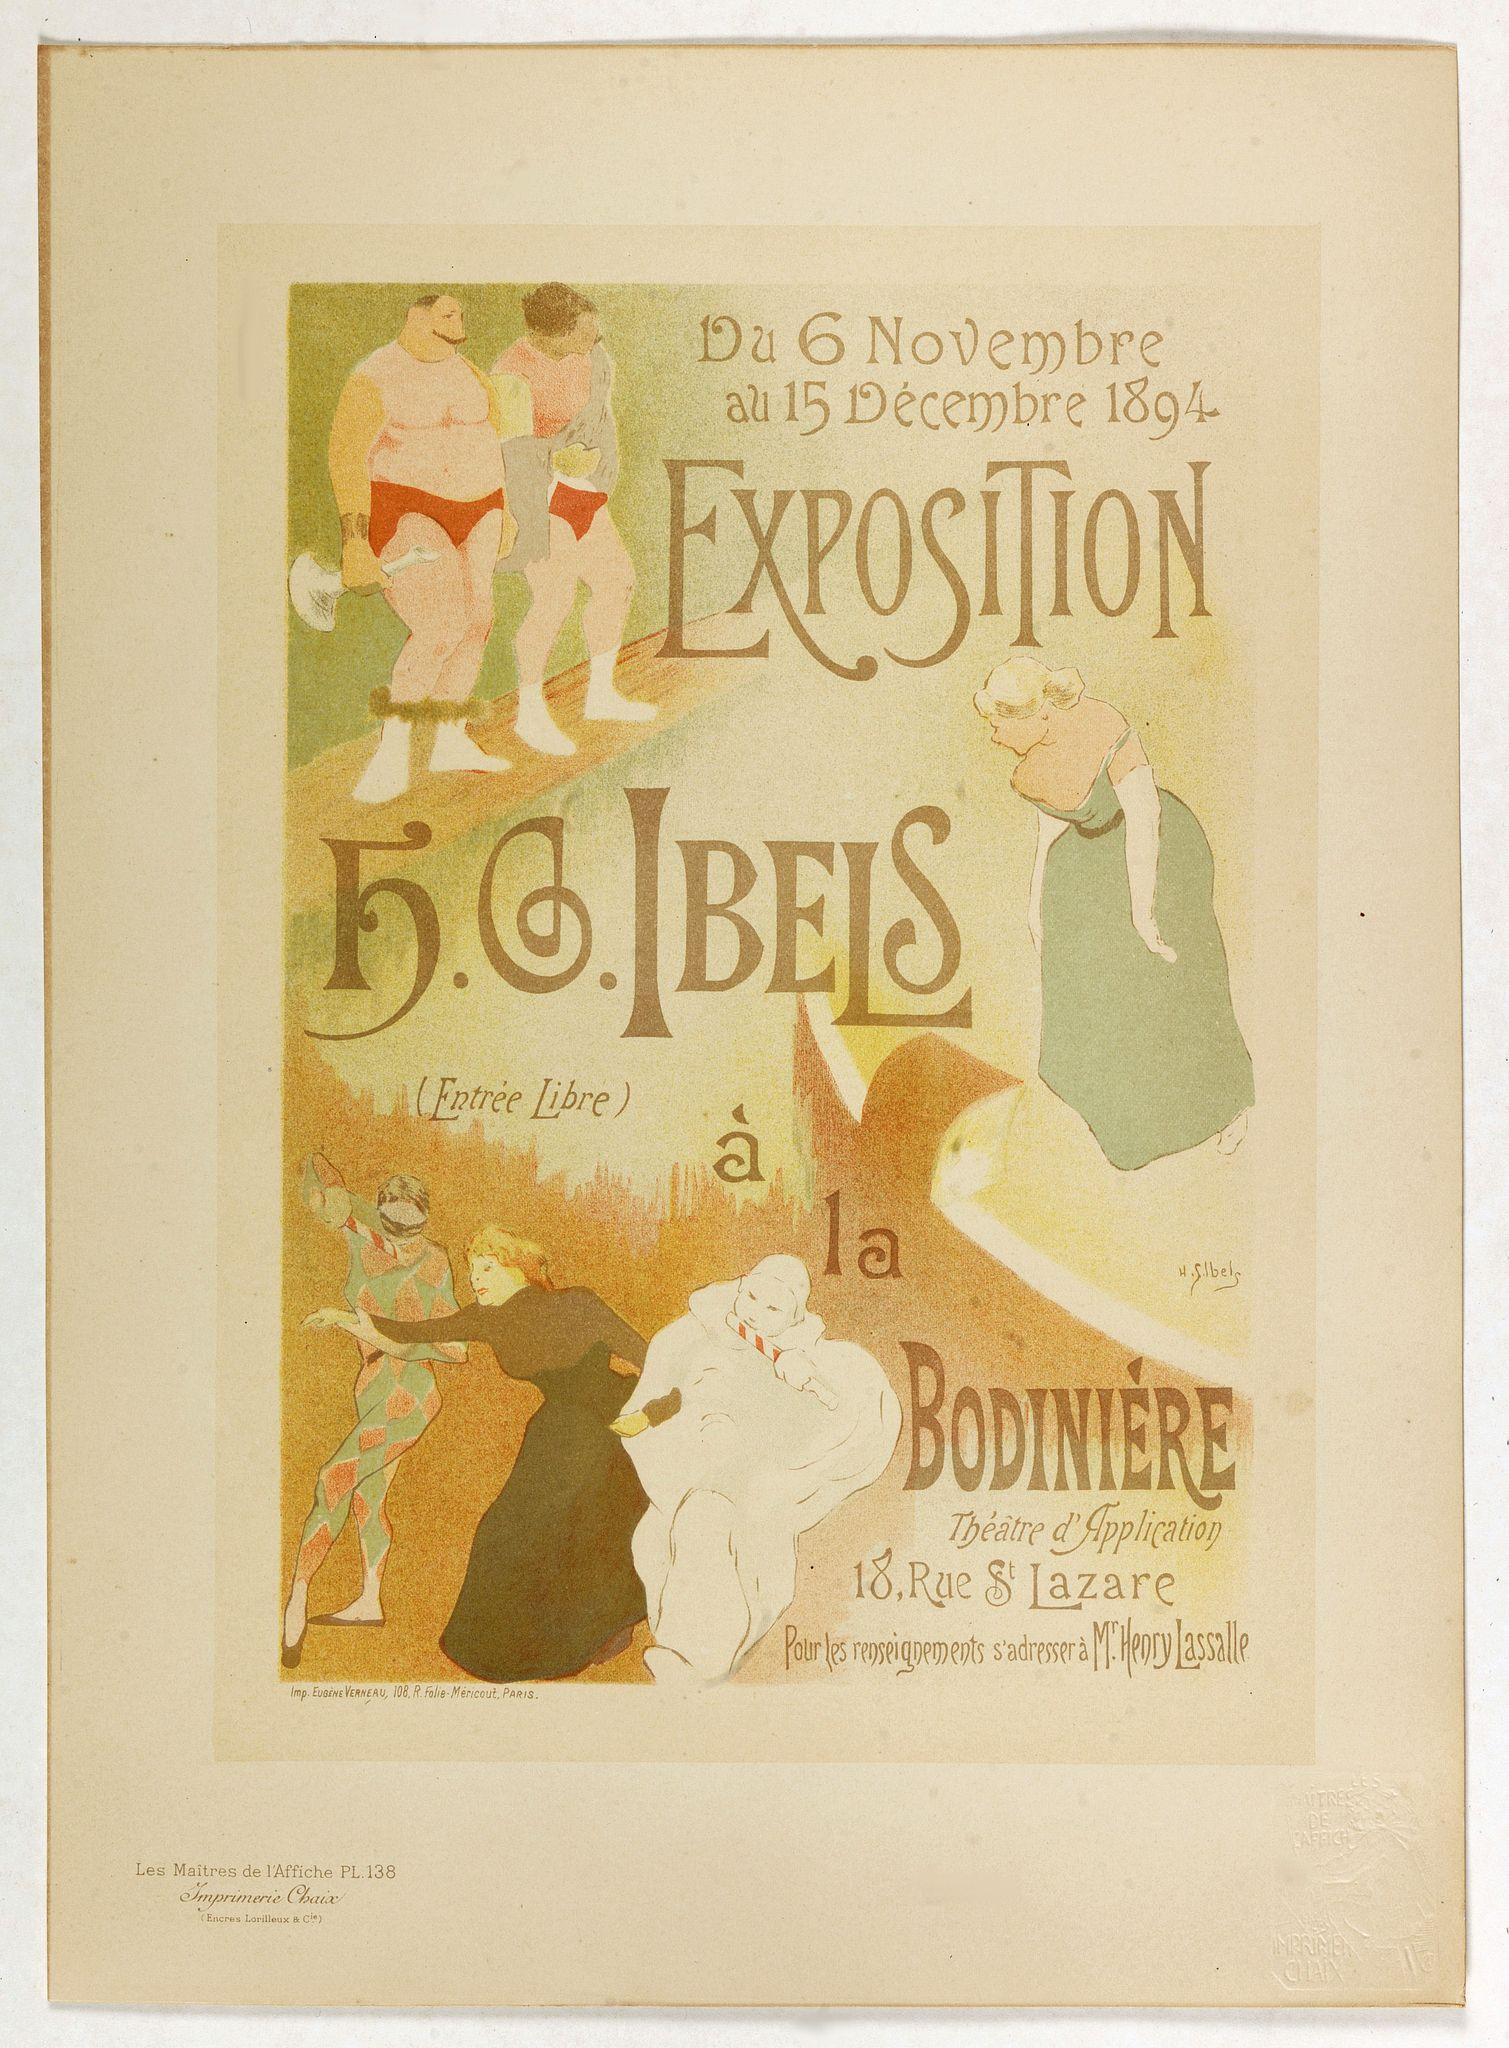 IBELS, H.G. -  Exposition à la Bodiniére . . .